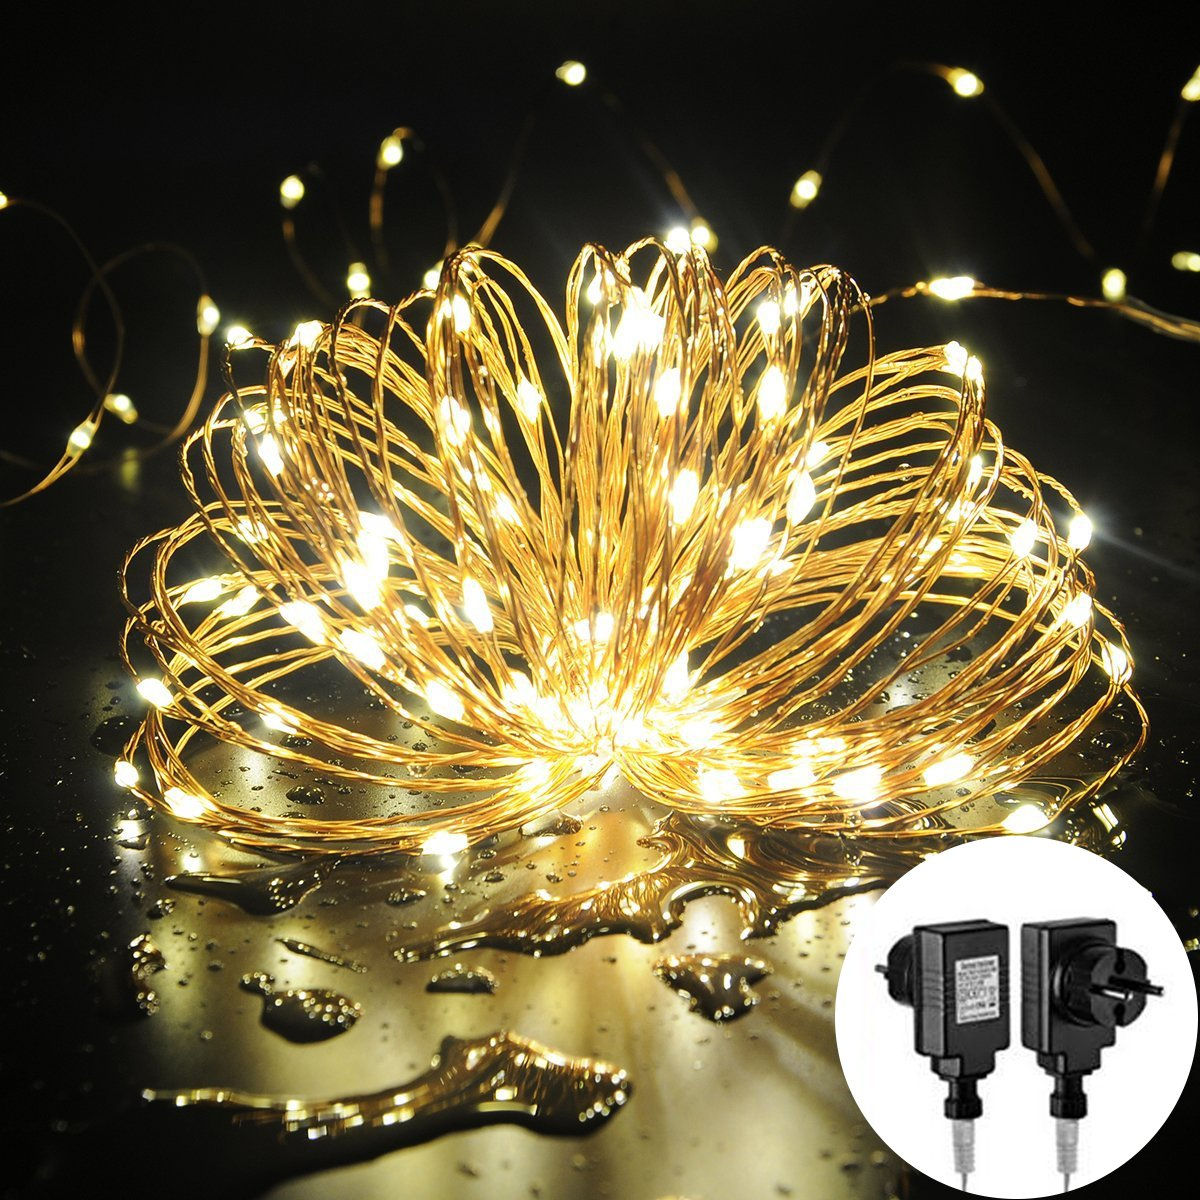 Halloween 100 LED Guirlande Lumineuses Imperméable 10 M, MORECOO Guirlande Etoilées Intérieur et Eclairage Micro Décoration en Cuivre pour la Toussaint/ Halloween/ Noël/ Fête/ Party/ Jardin/ Maison/ Mariage/ Anniversaire etc [Classe énergét